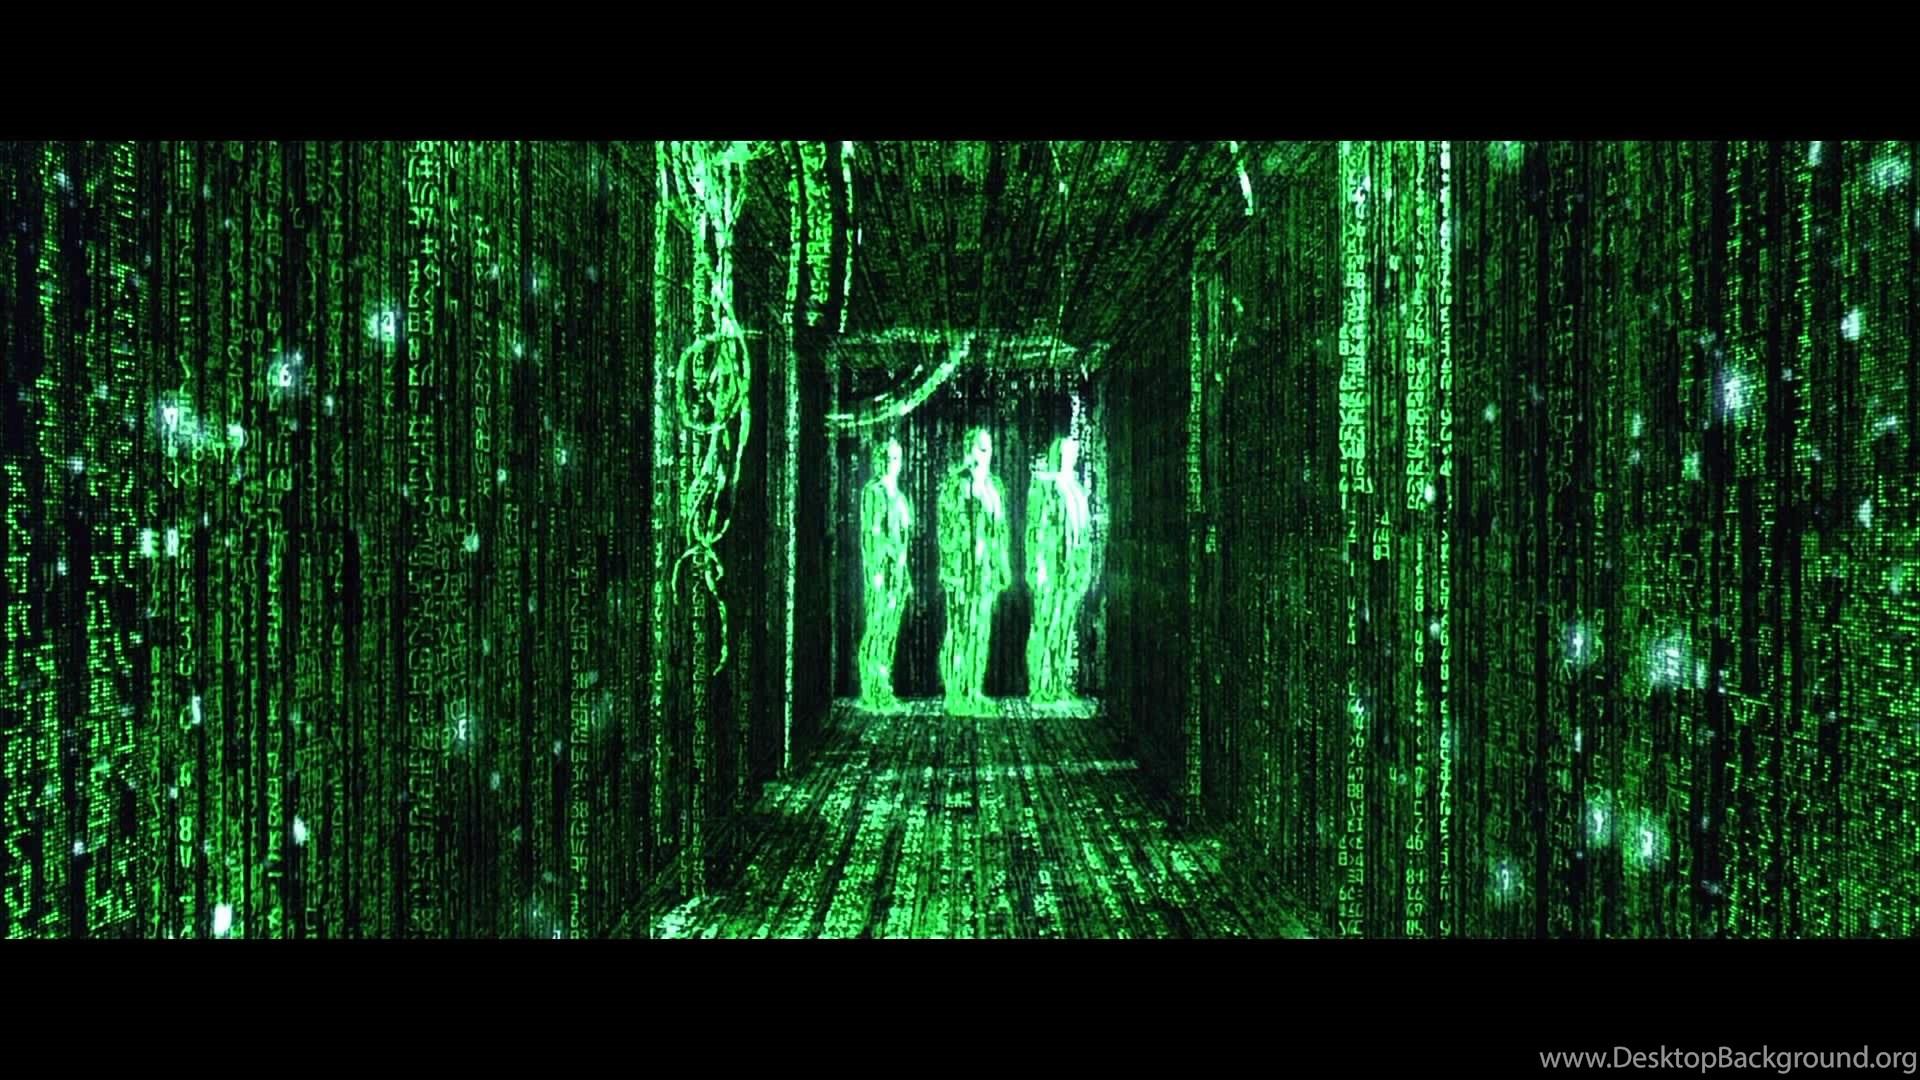 Best Movie Wallpaper The Matrix 565248 Movie Desktop Background